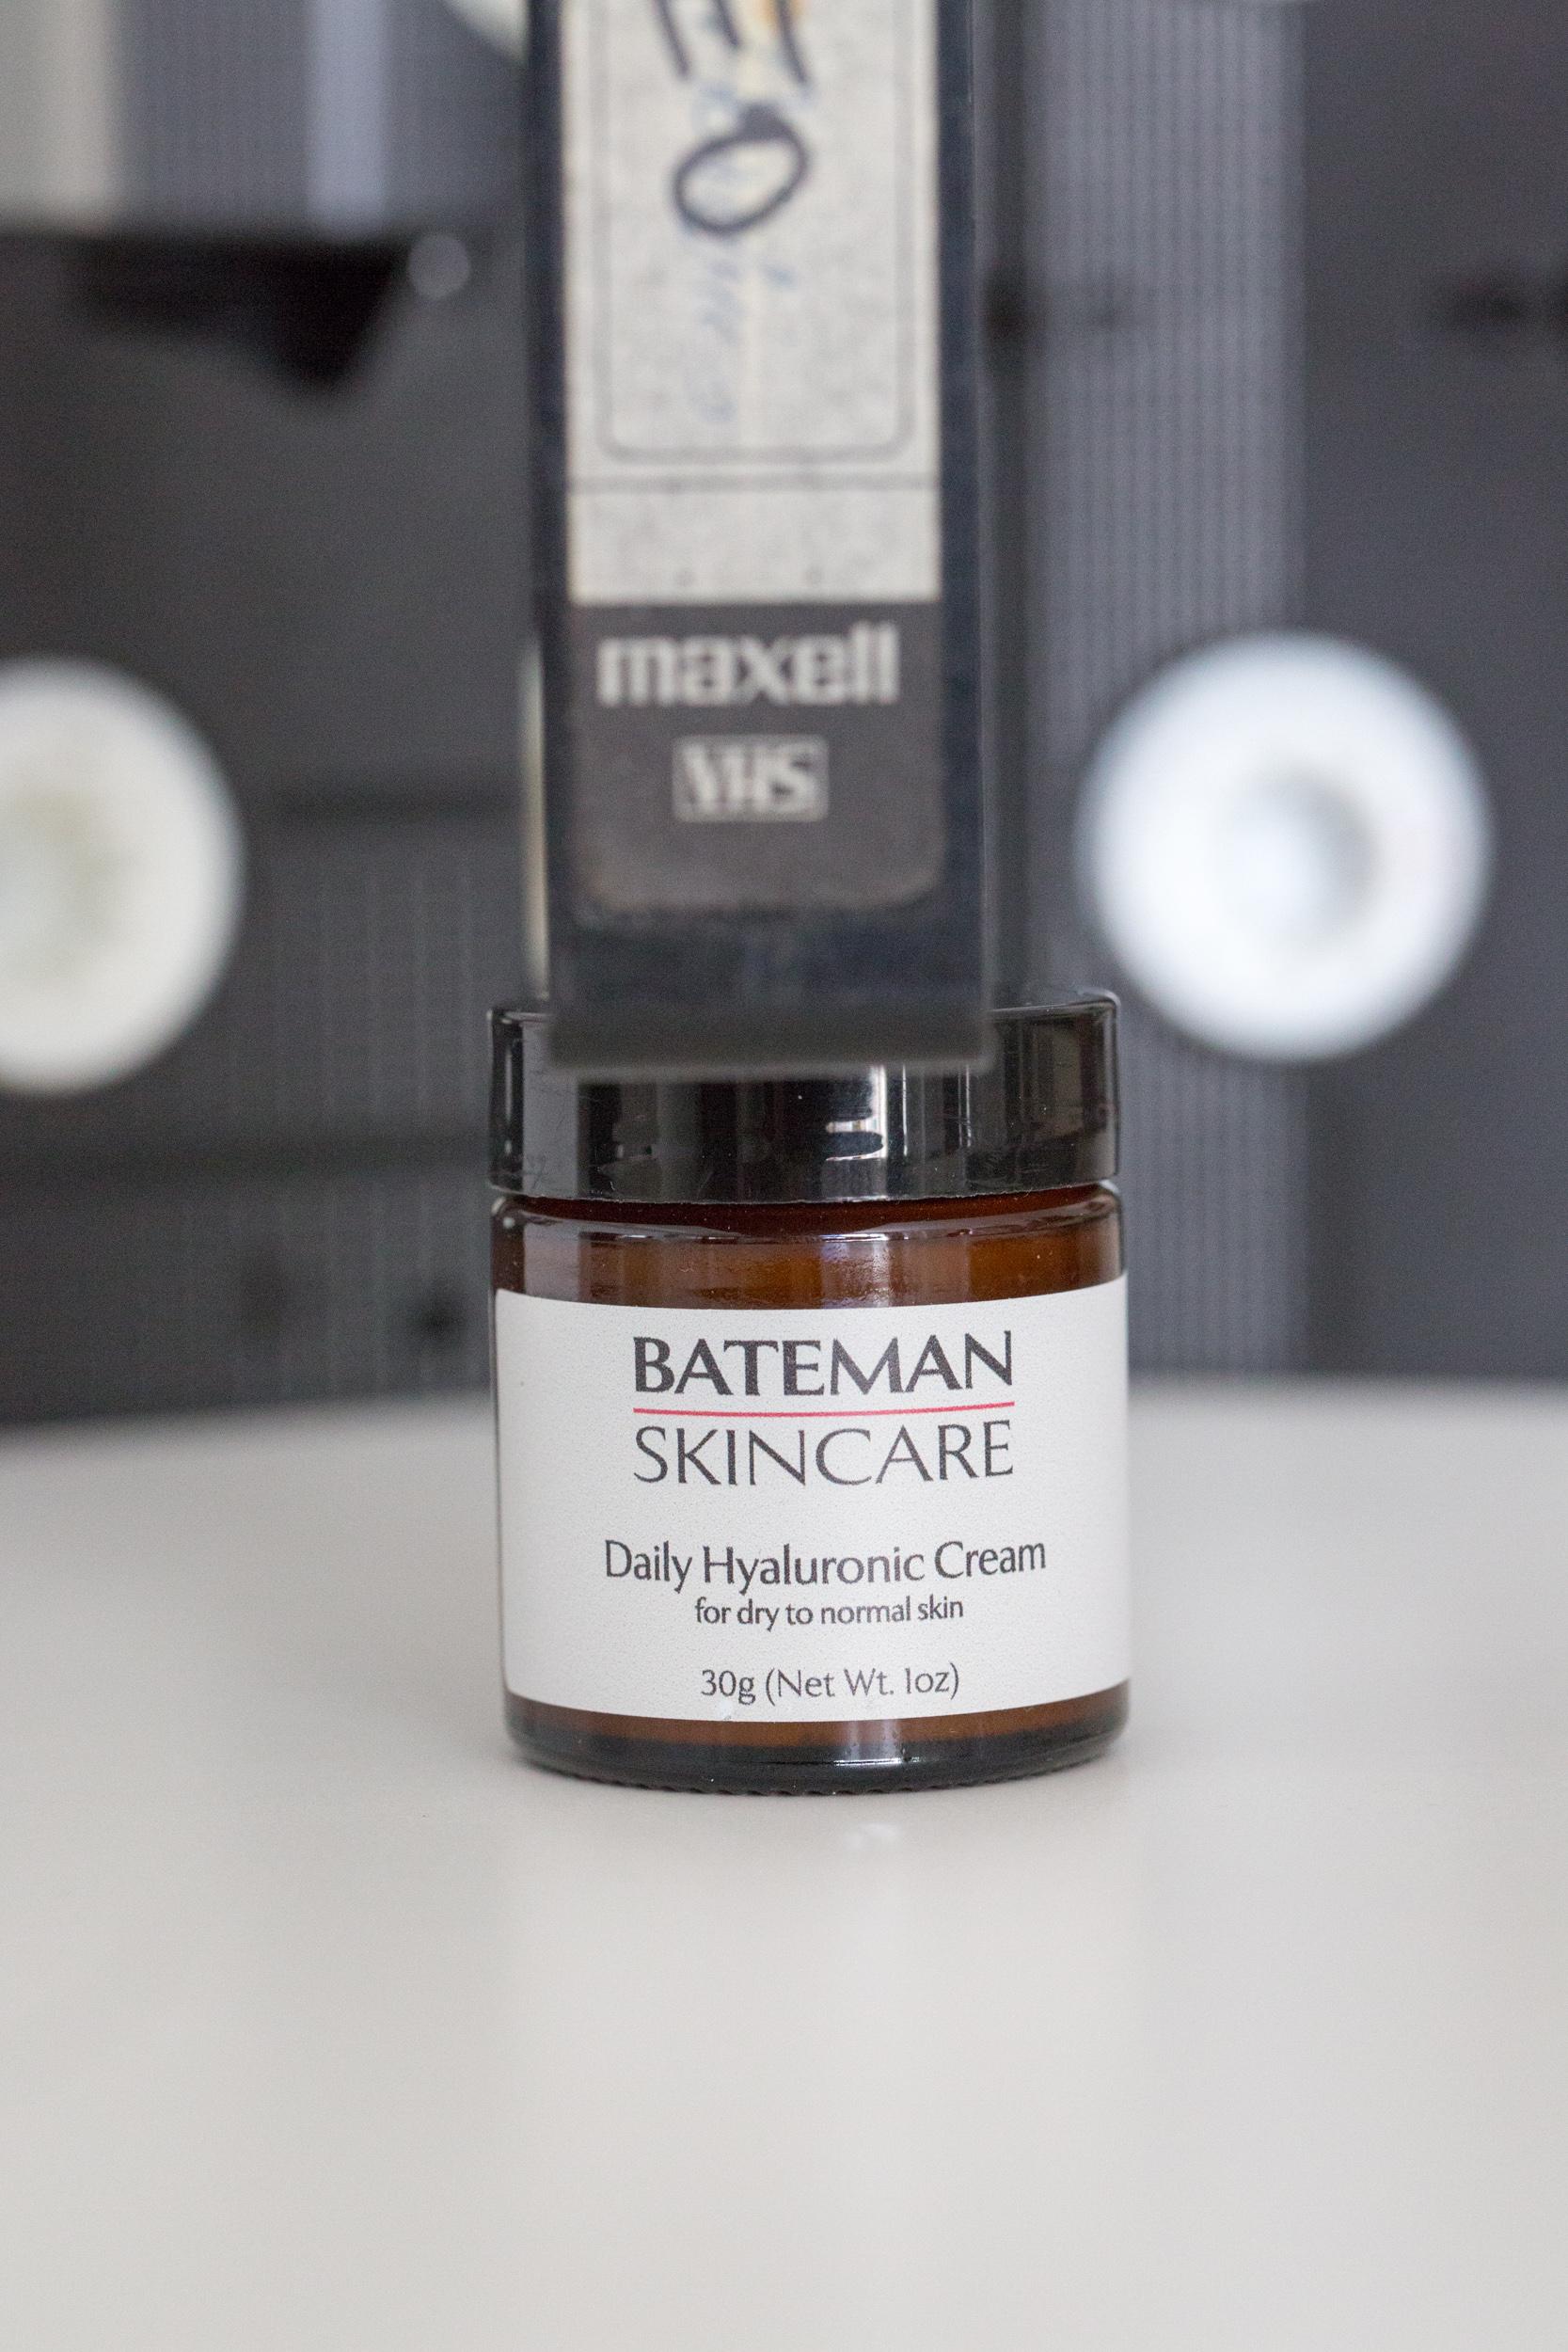 bateman skin care day 1-1240.jpg